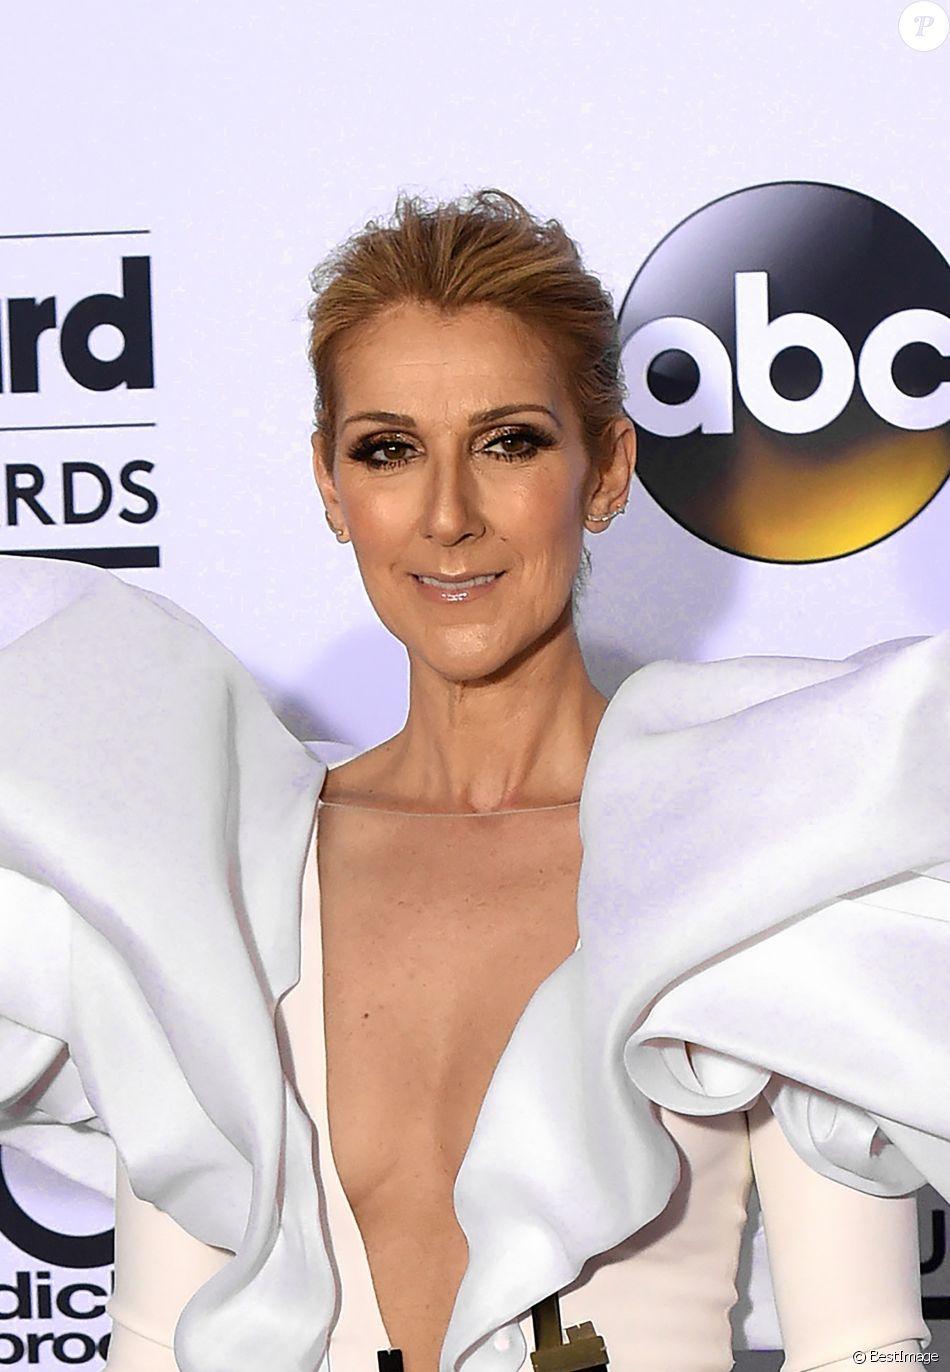 Celine Dion à la soirée Billboard Music Awards à la T-Mobile Arena dans le Nevada, le 21 mai 2017 © Chris Delmas/Bestimage